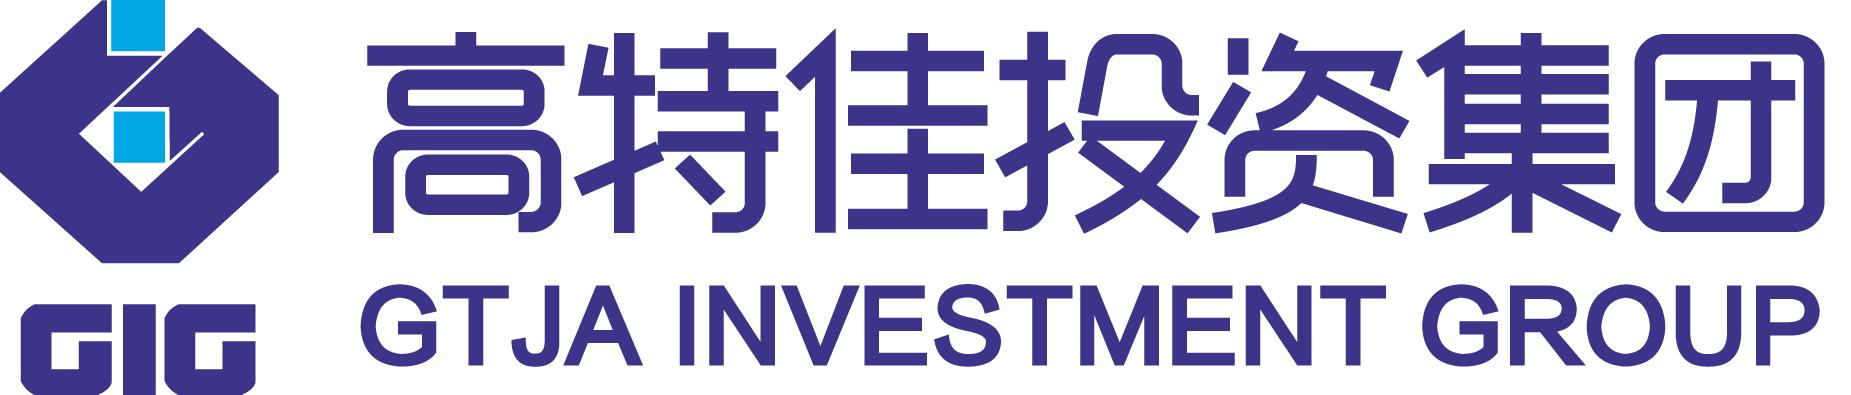 高特佳投资集团